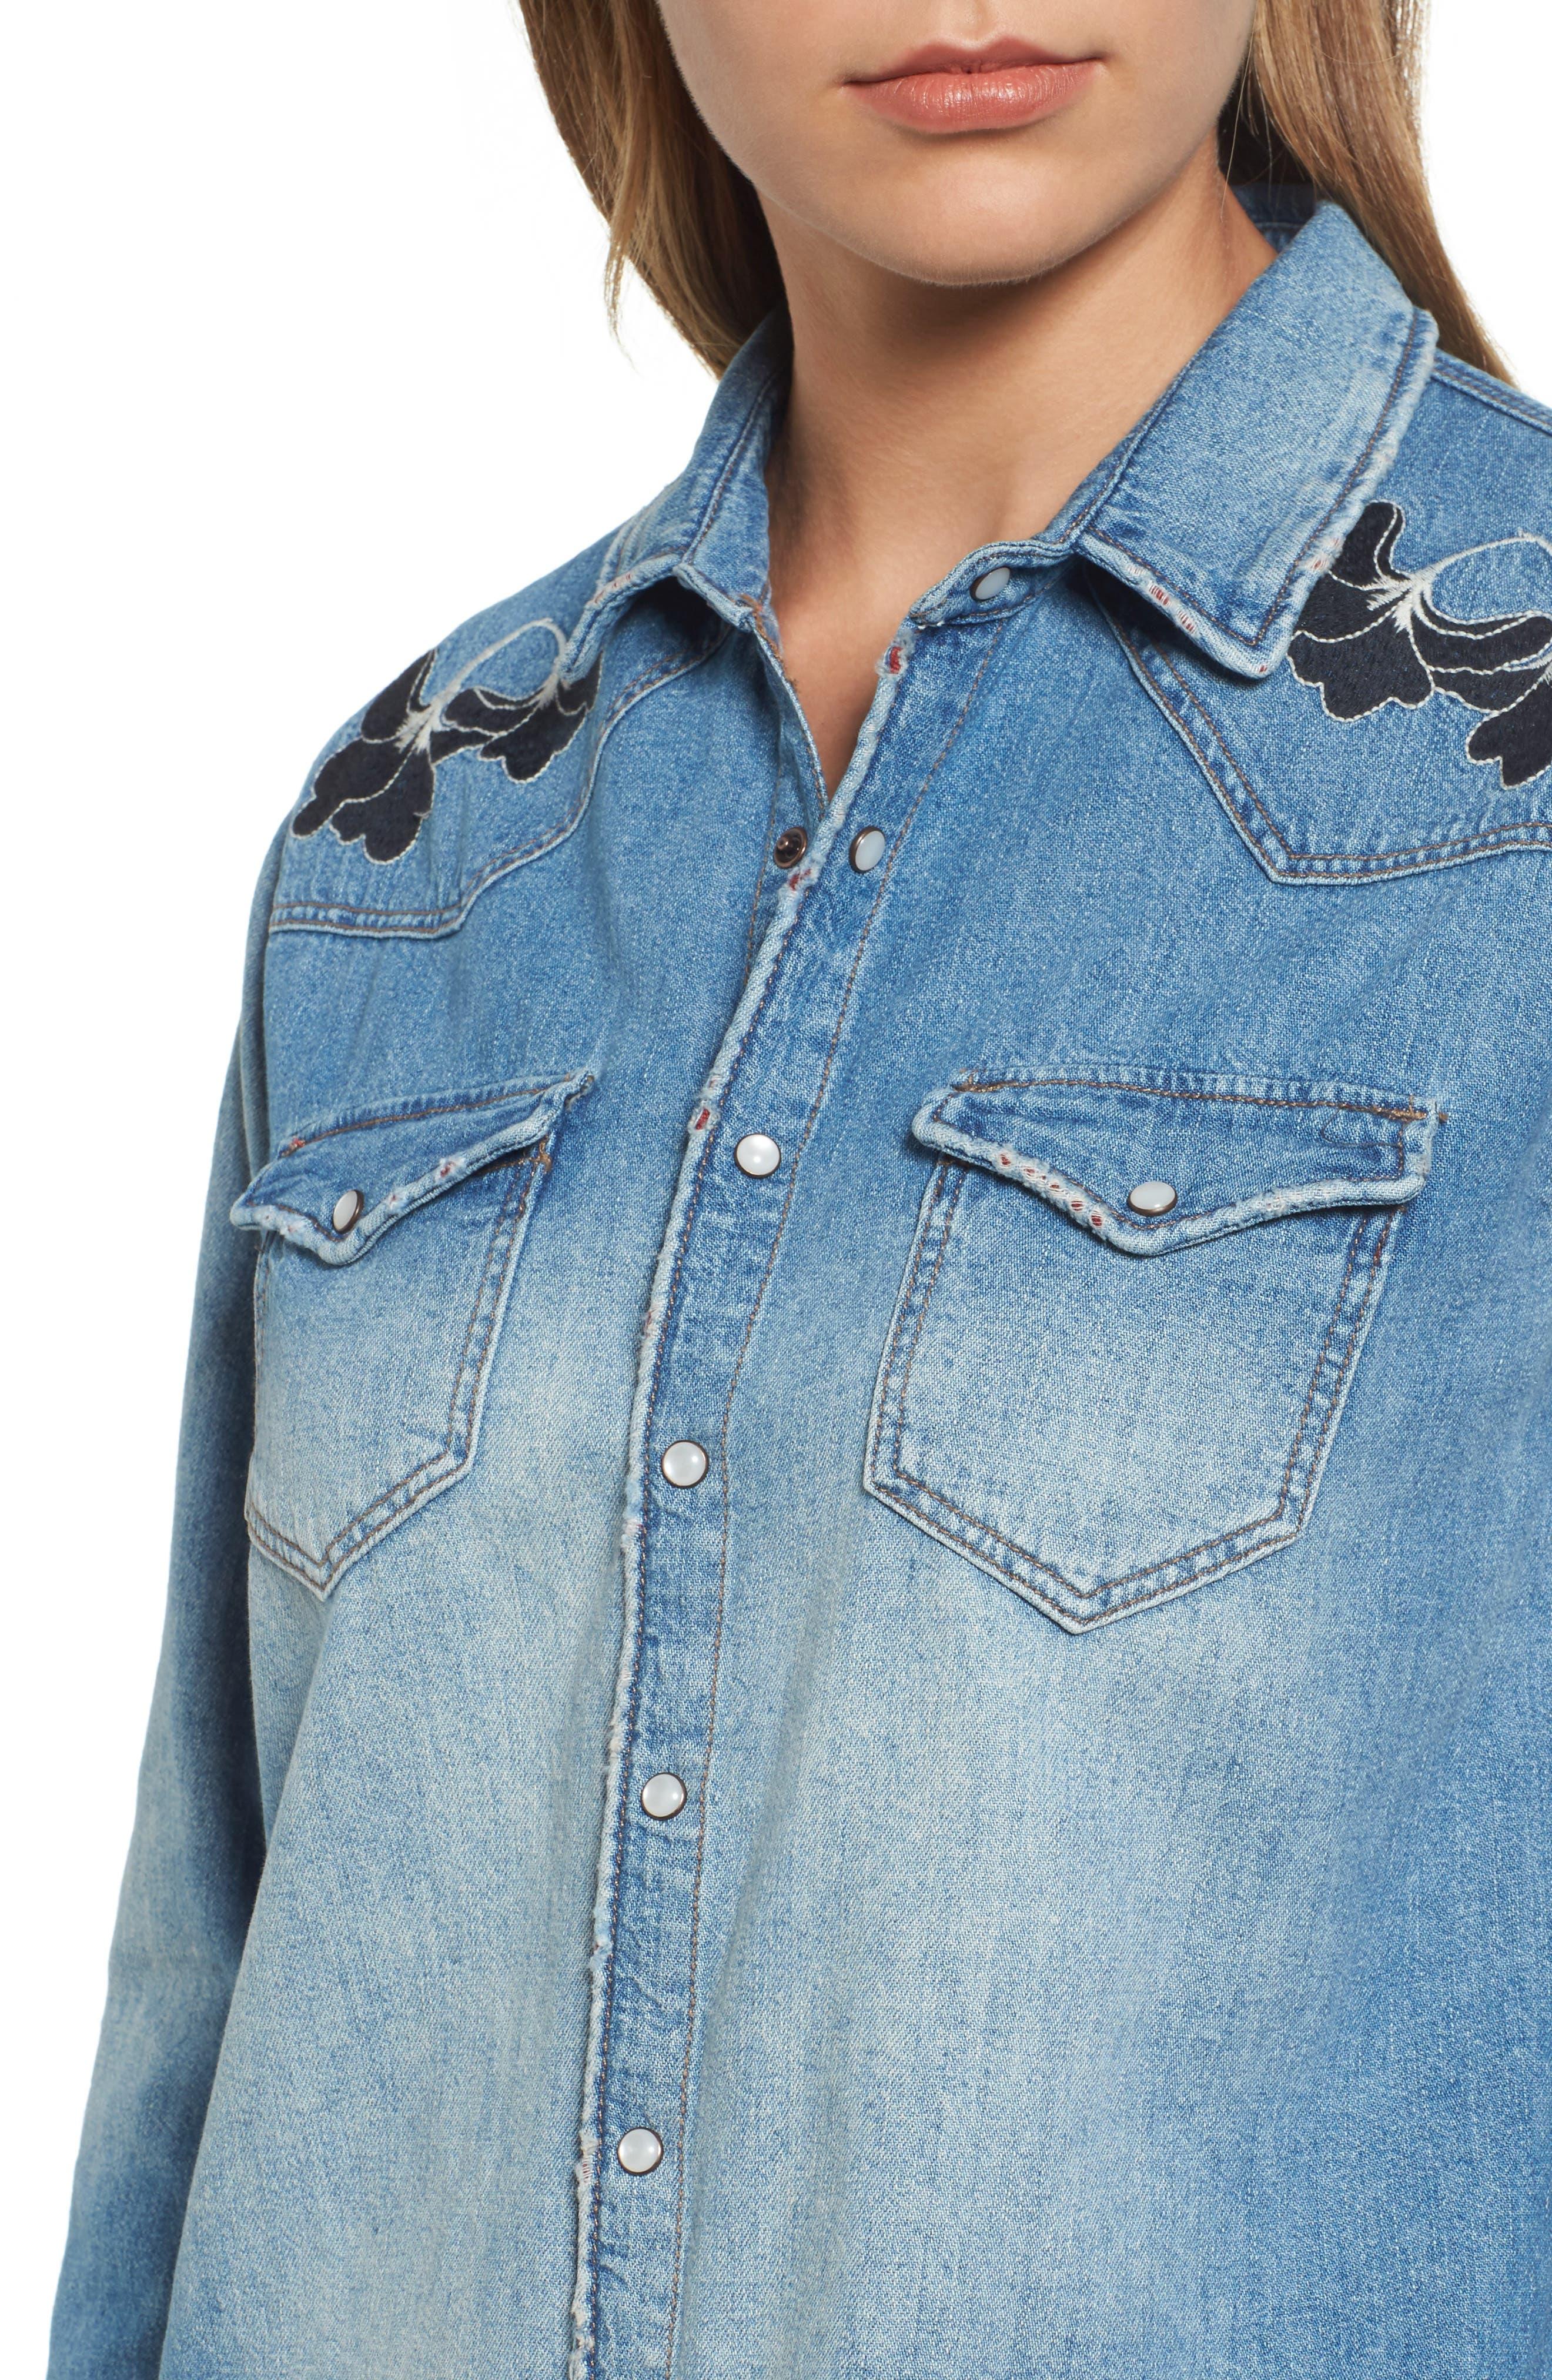 Vintage Rose Embroidered Denim Shirt,                             Alternate thumbnail 4, color,